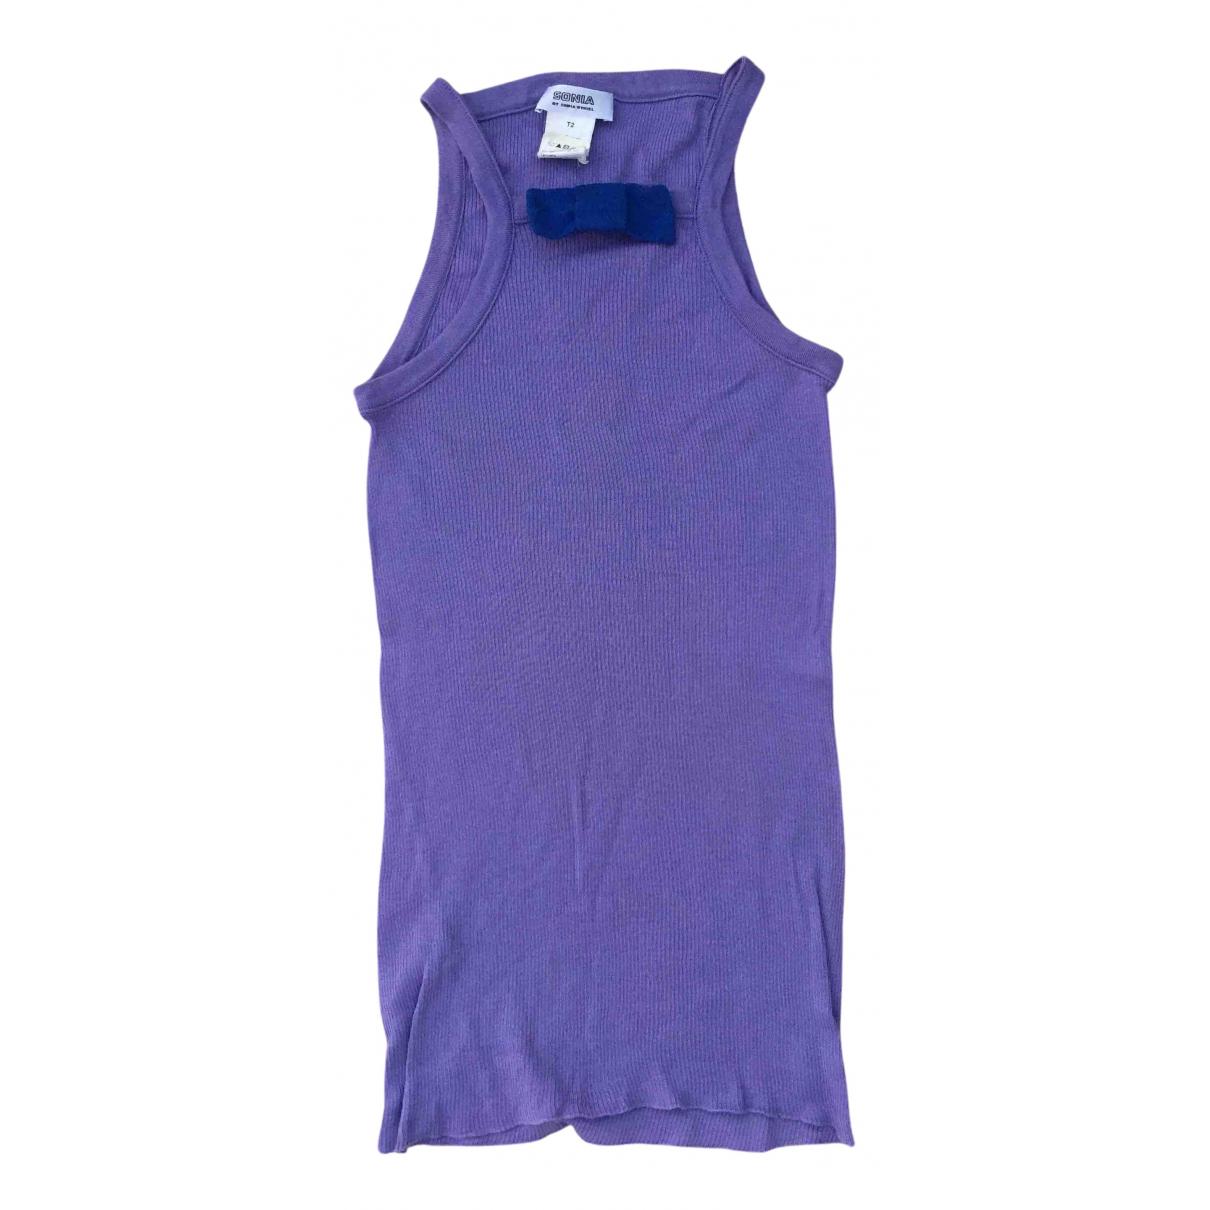 Sonia By Sonia Rykiel - Top   pour femme en coton - violet